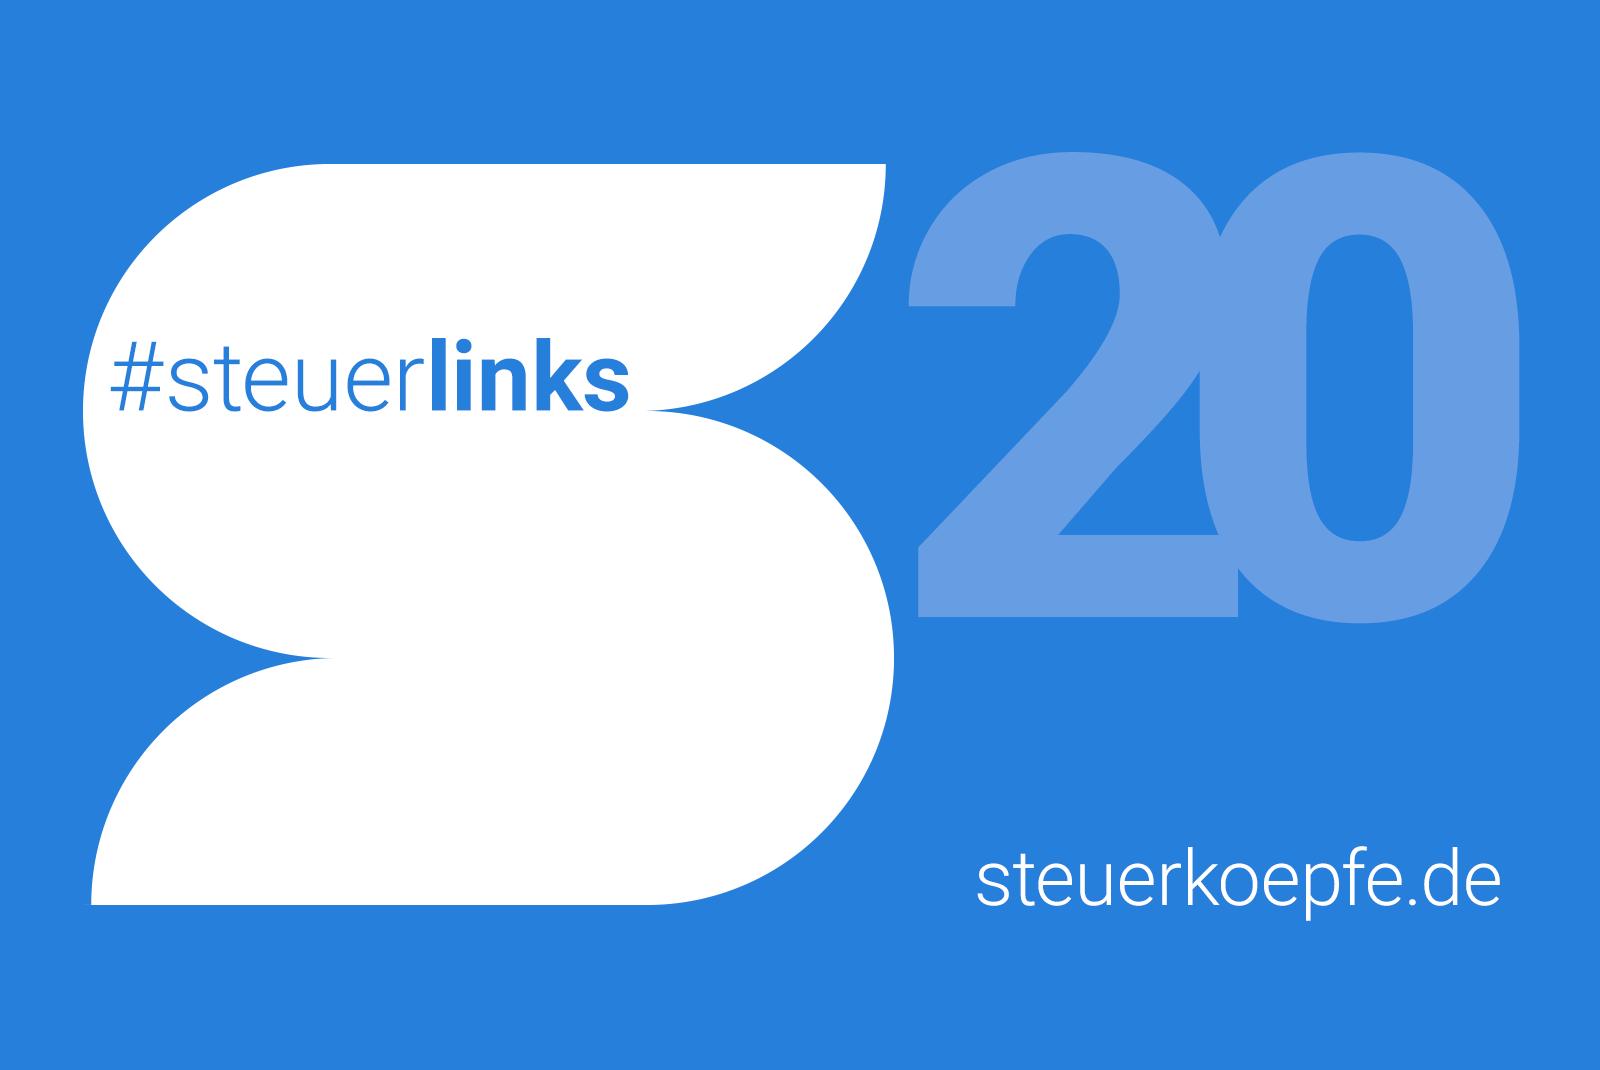 #steuerlinks 20. KW - Steuerköpfe